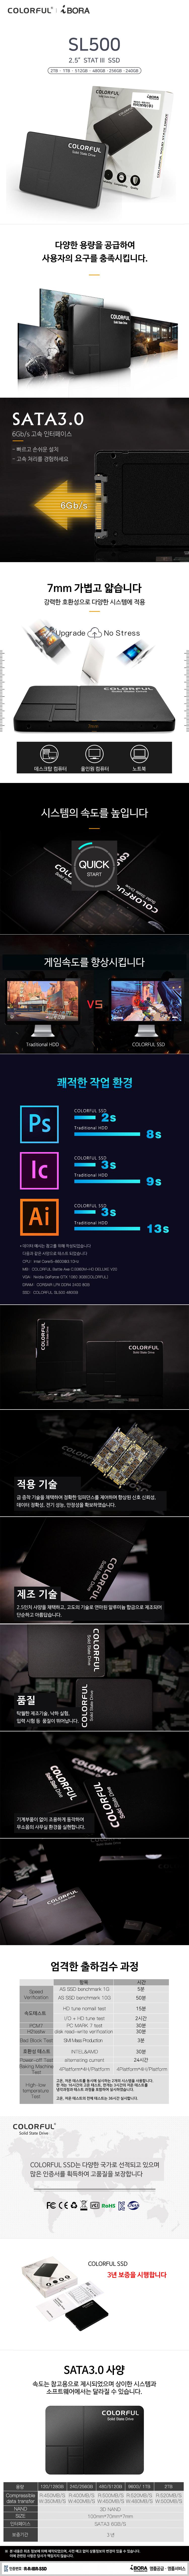 COLORFUL SL500 아이보라 (512GB)